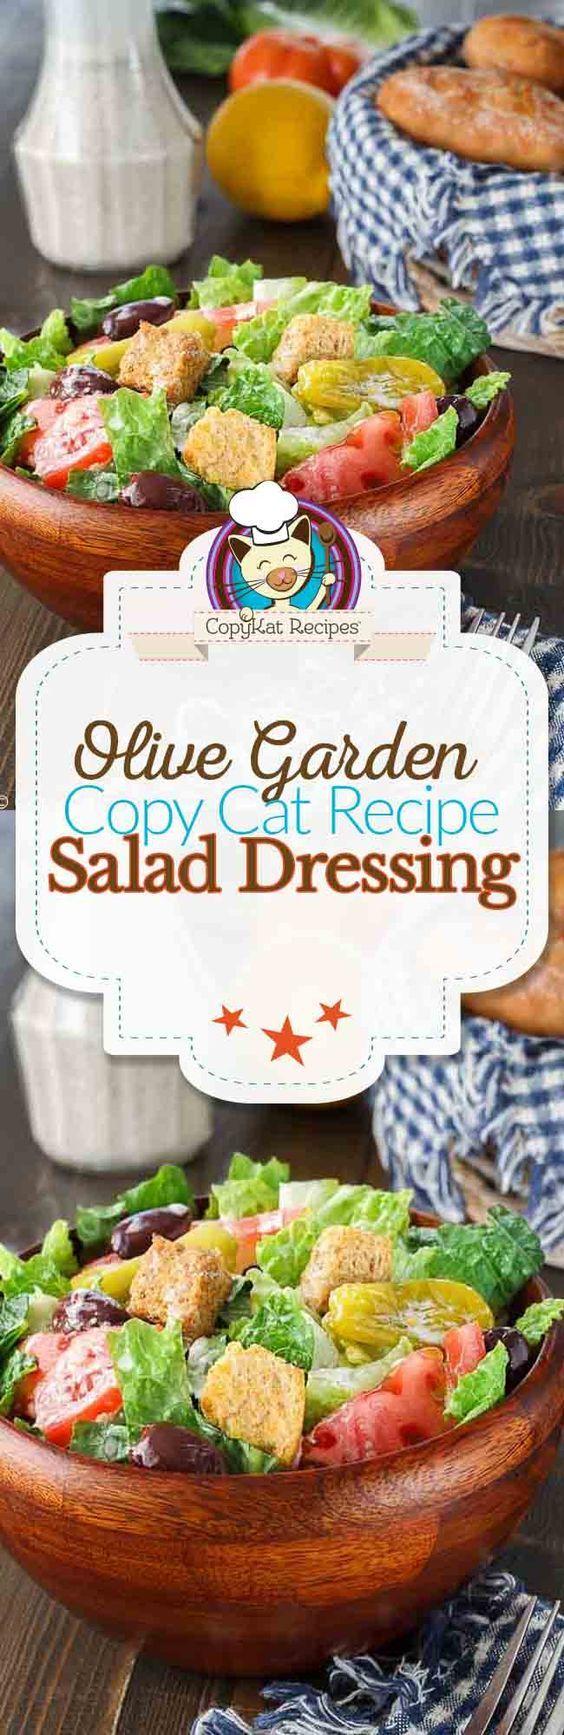 Olive Garden Salad Dressing Recipe Olive Garden Salad Gardens And Dressing